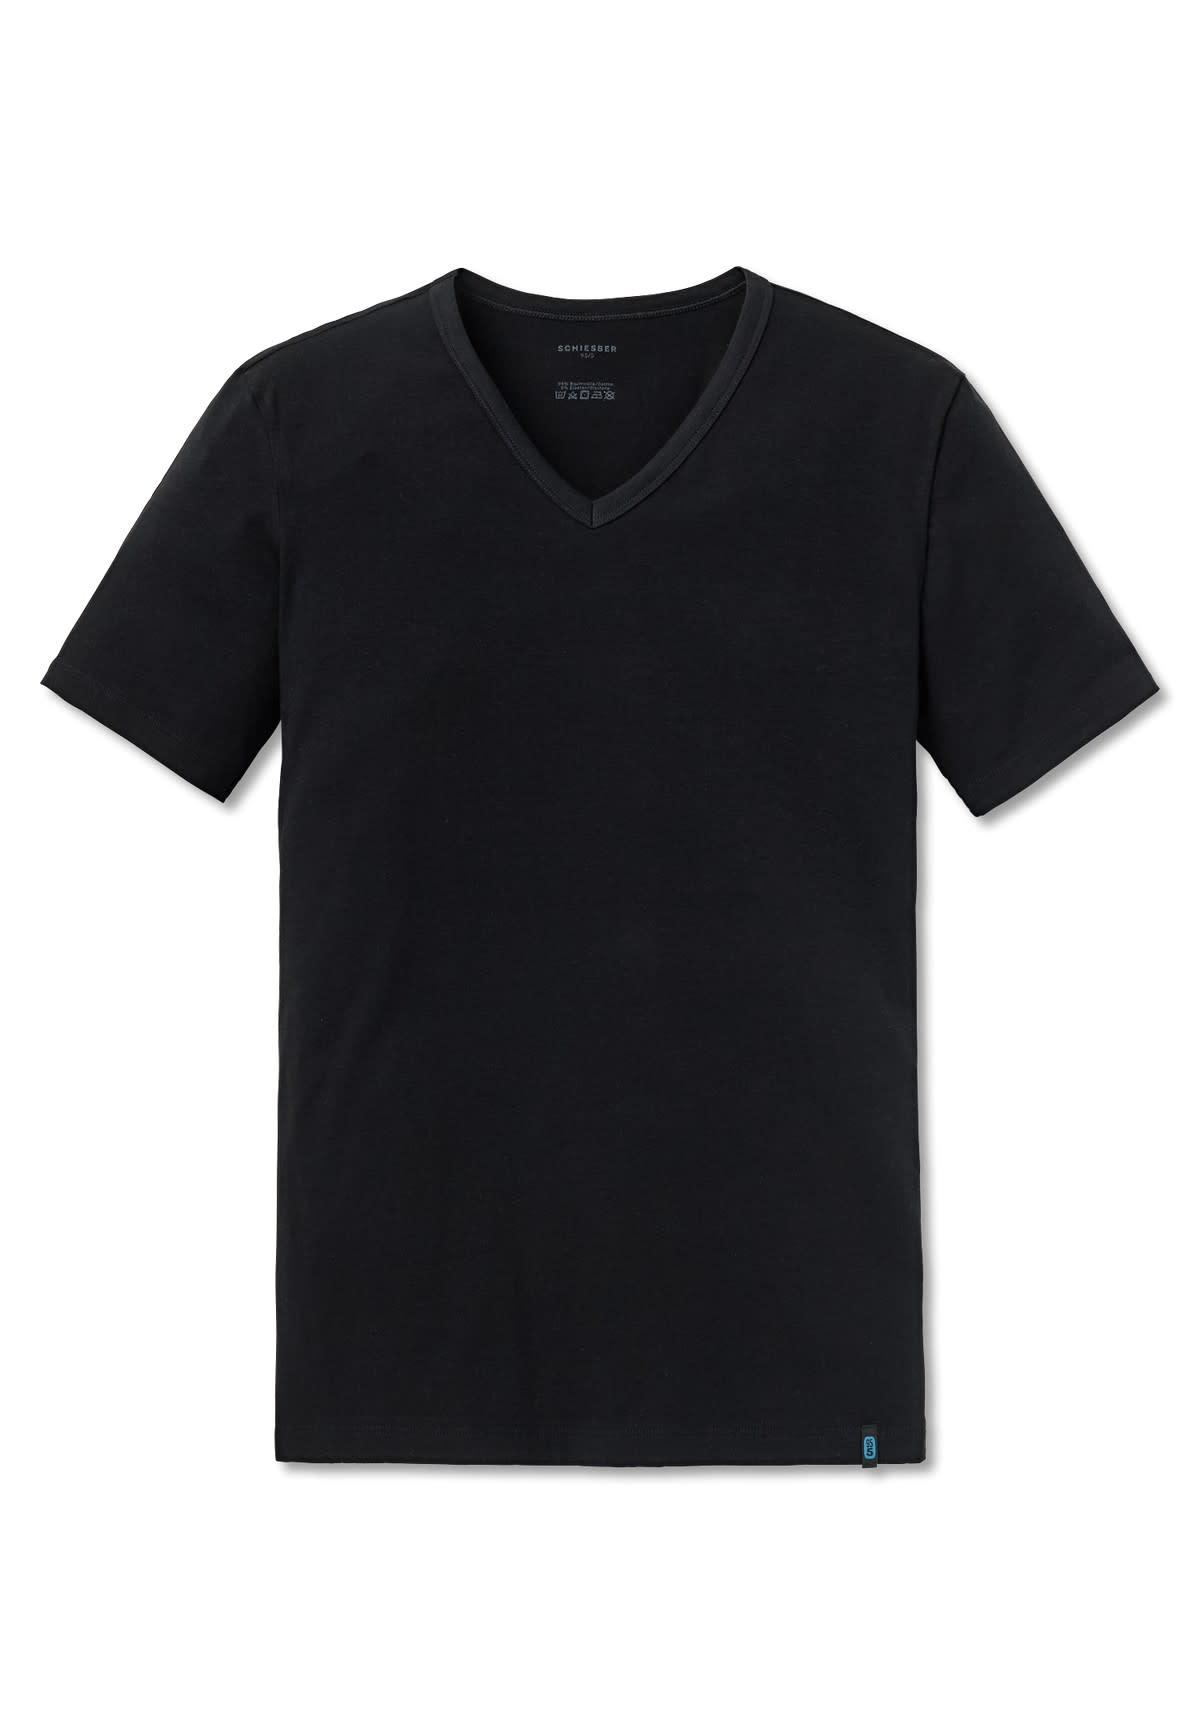 T-shirt v-hals 95/5 205429 - zwart-3